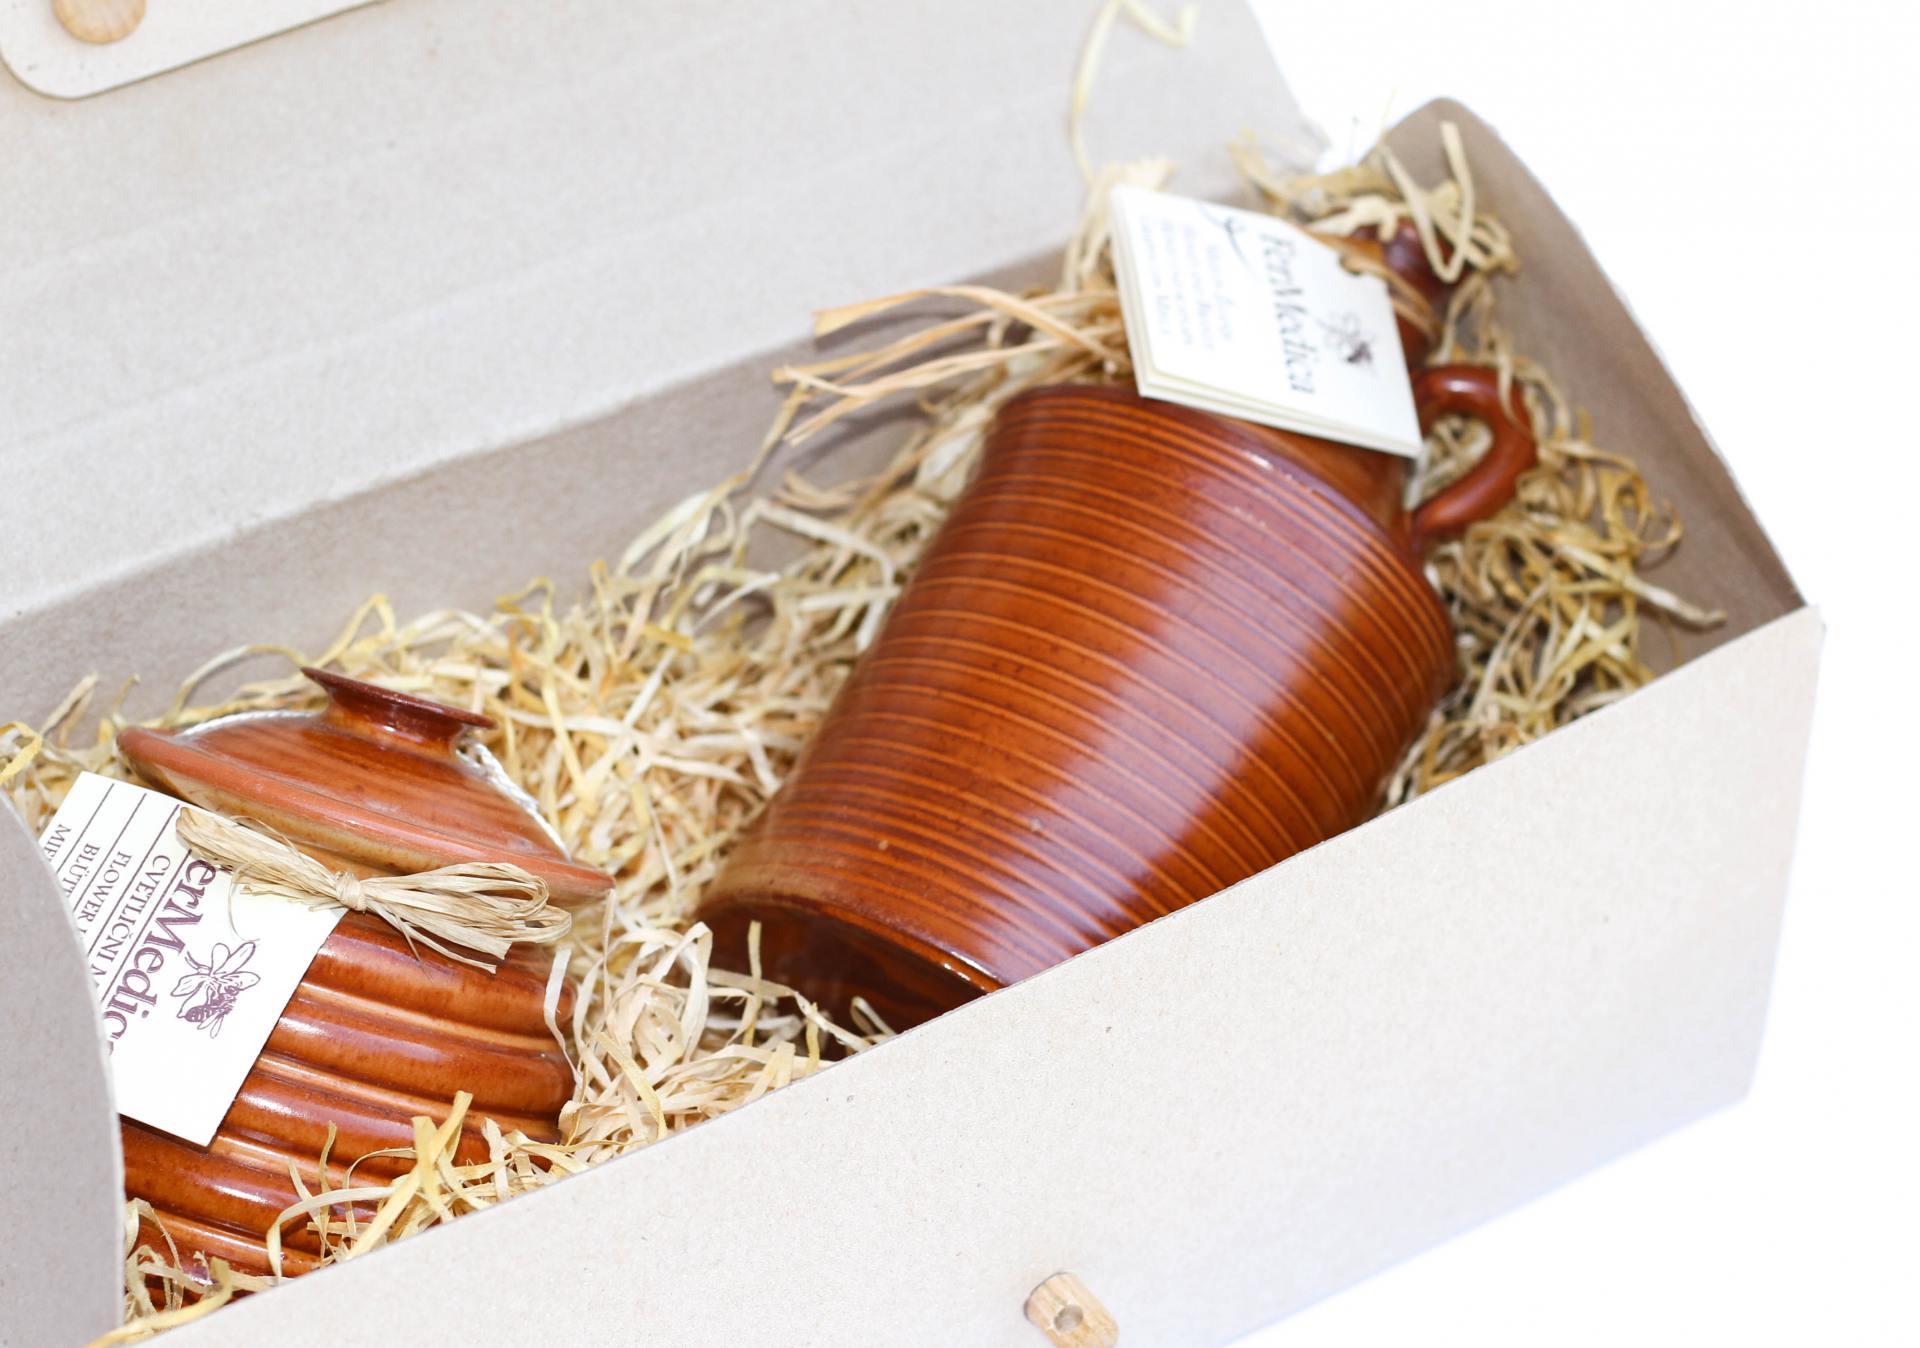 Med in žganje, med z dodatki, darilni seti v lični embalaži fermedica IMG_2264